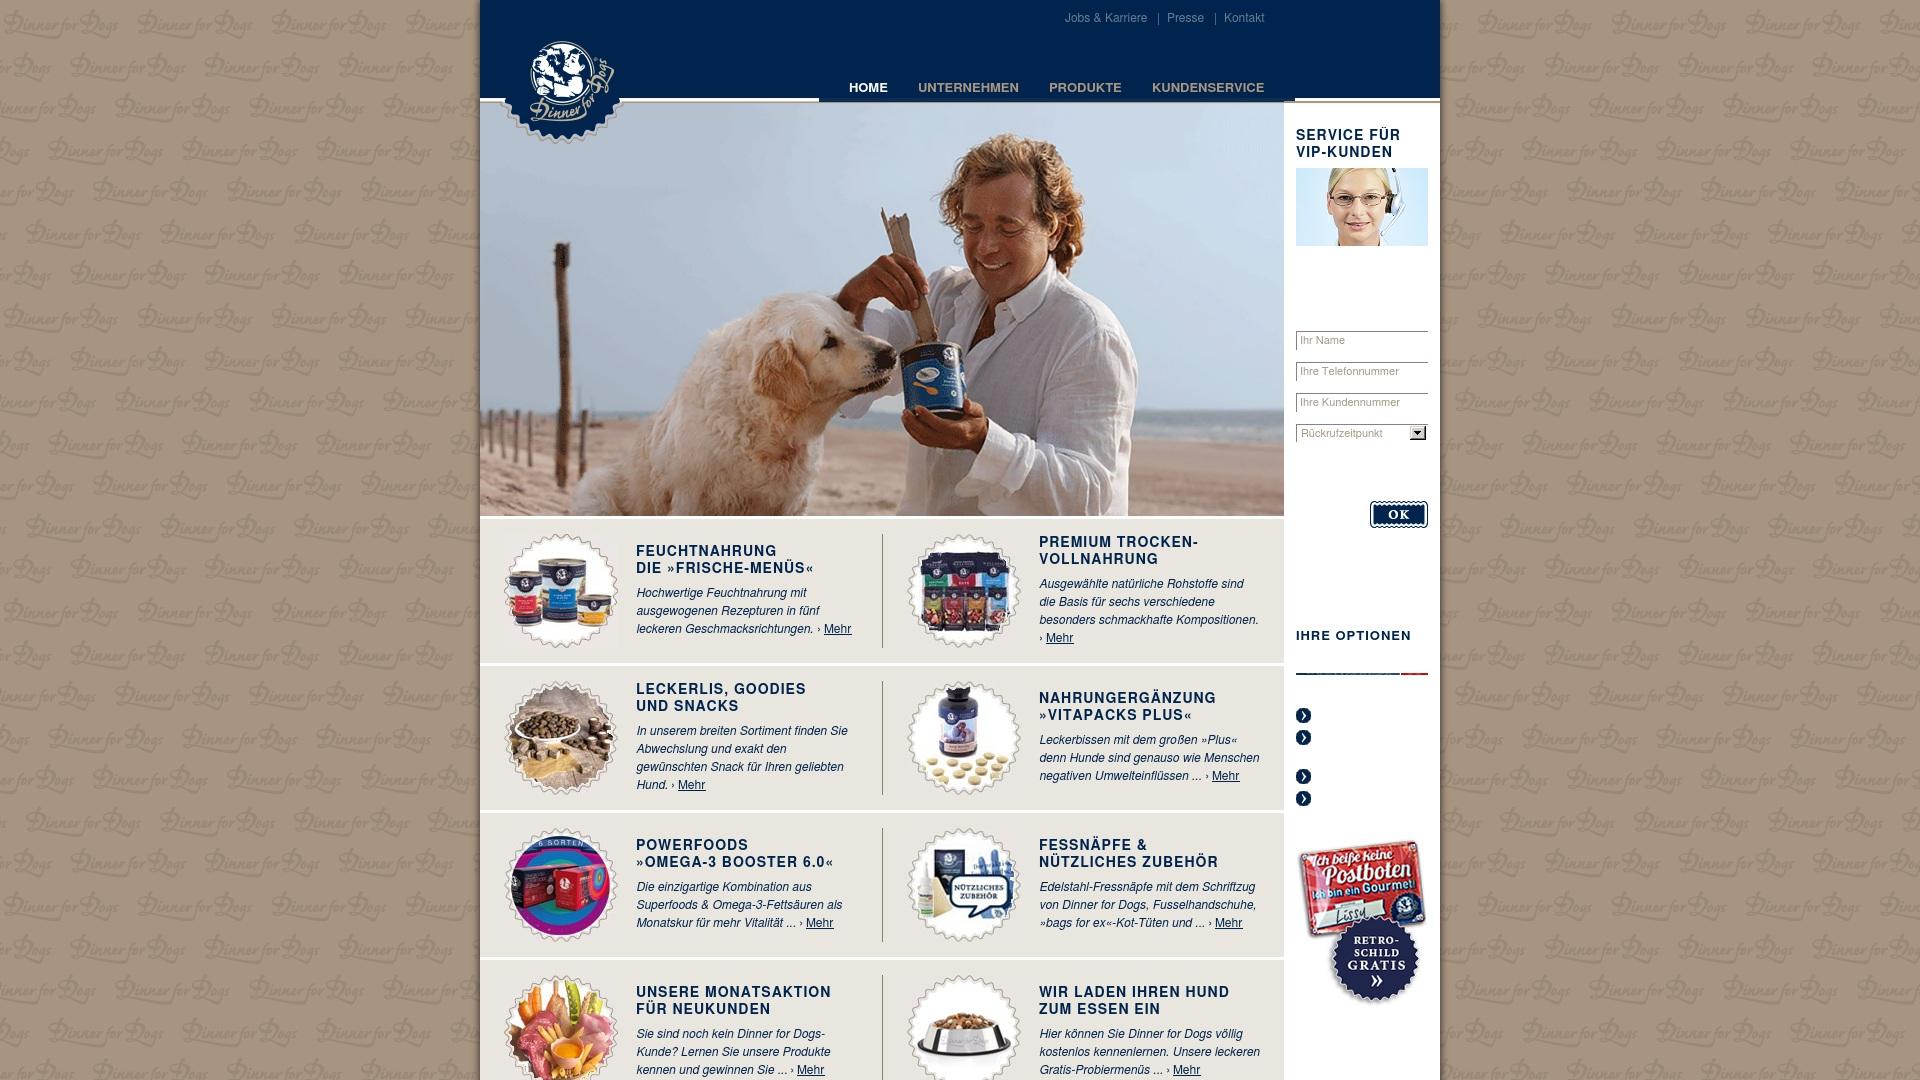 Gutschein für Dinner-for-dogs: Rabatte für  Dinner-for-dogs sichern